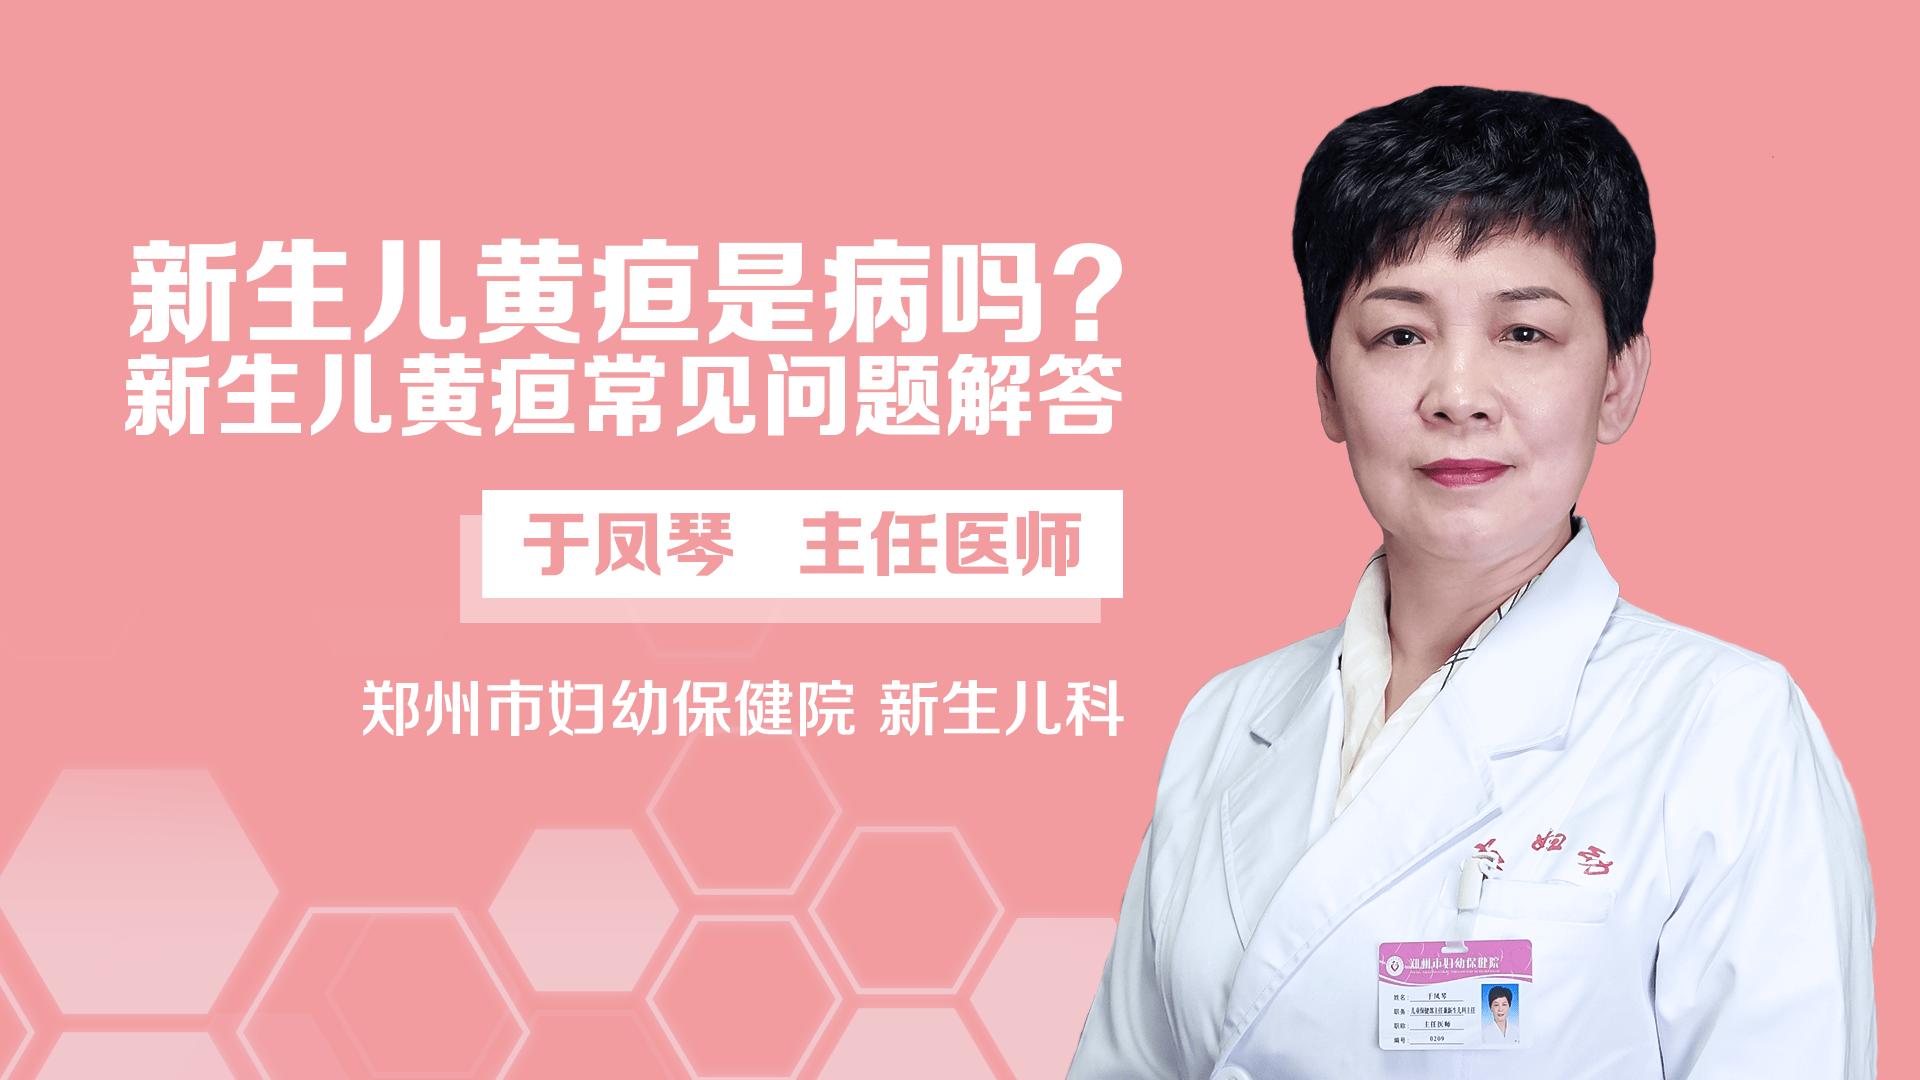 【中州医学】新生儿黄疸是病吗?新生儿黄疸常见问题解答